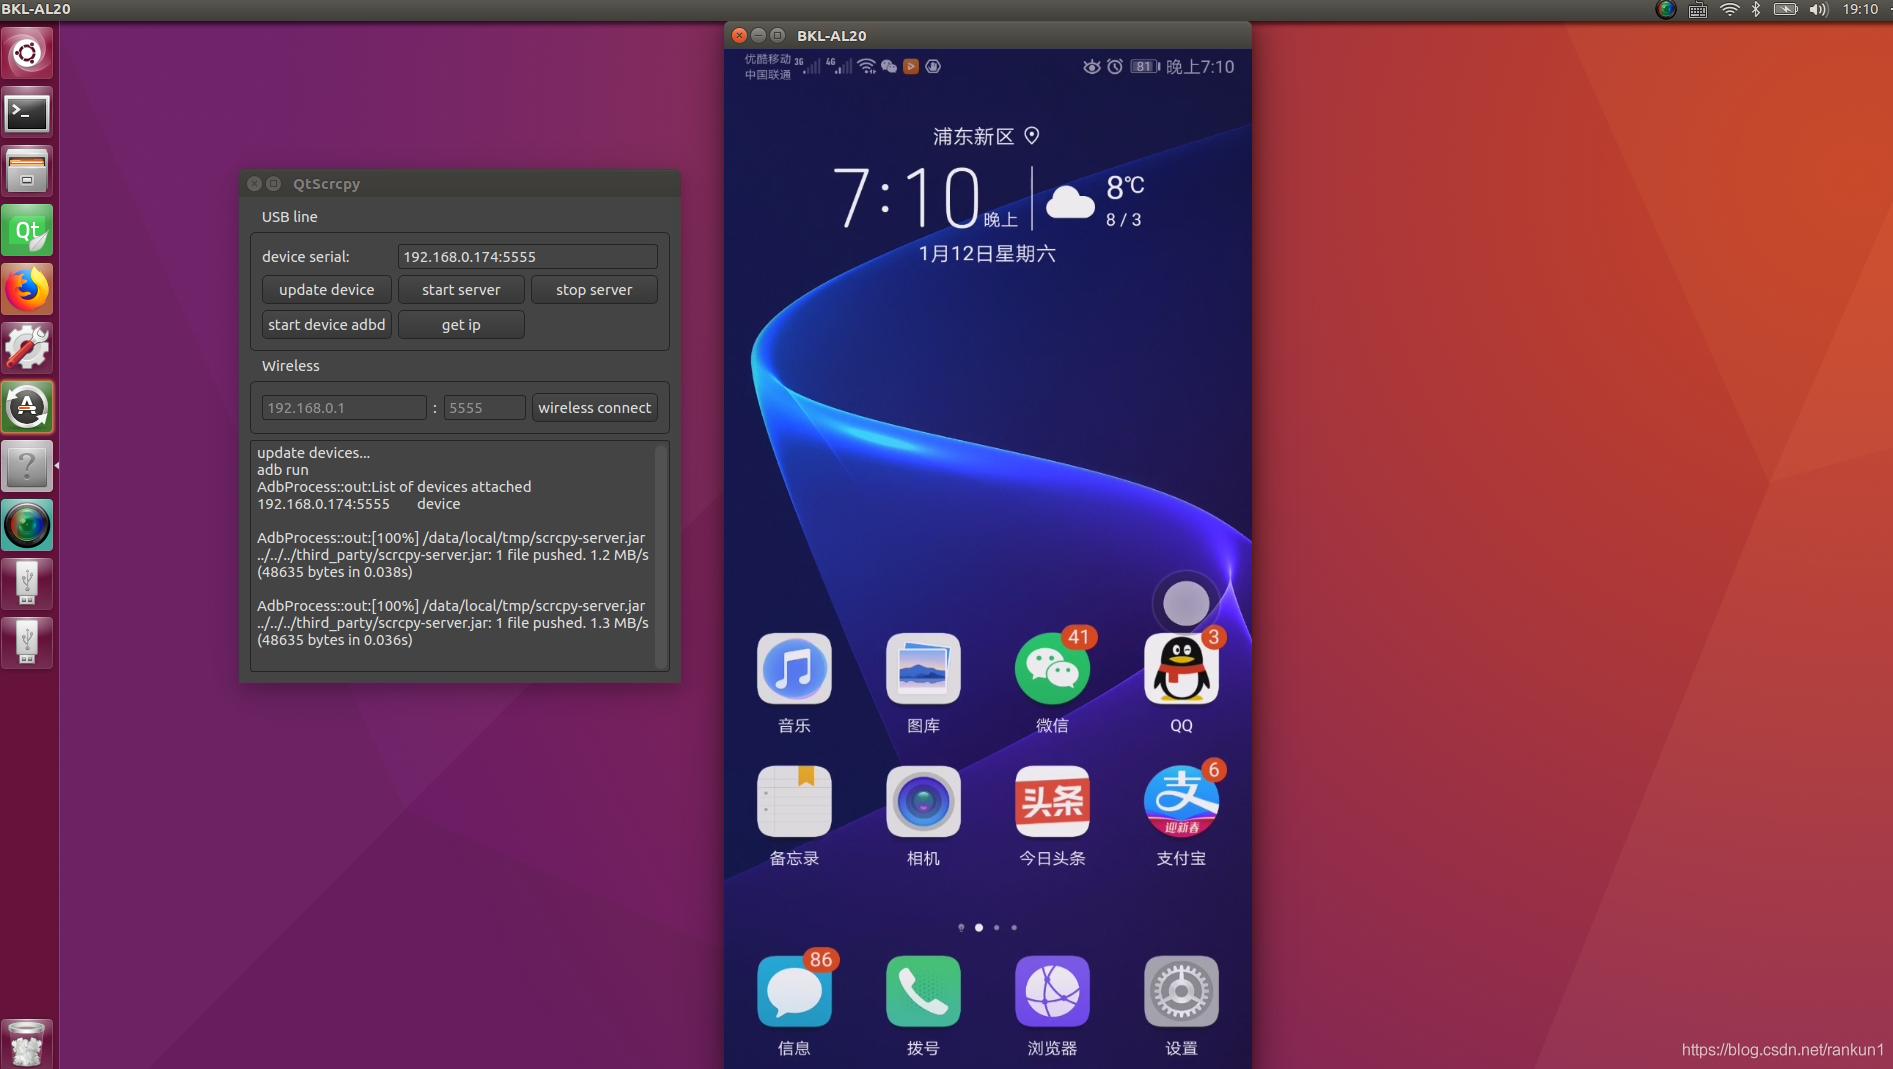 linux平台展示